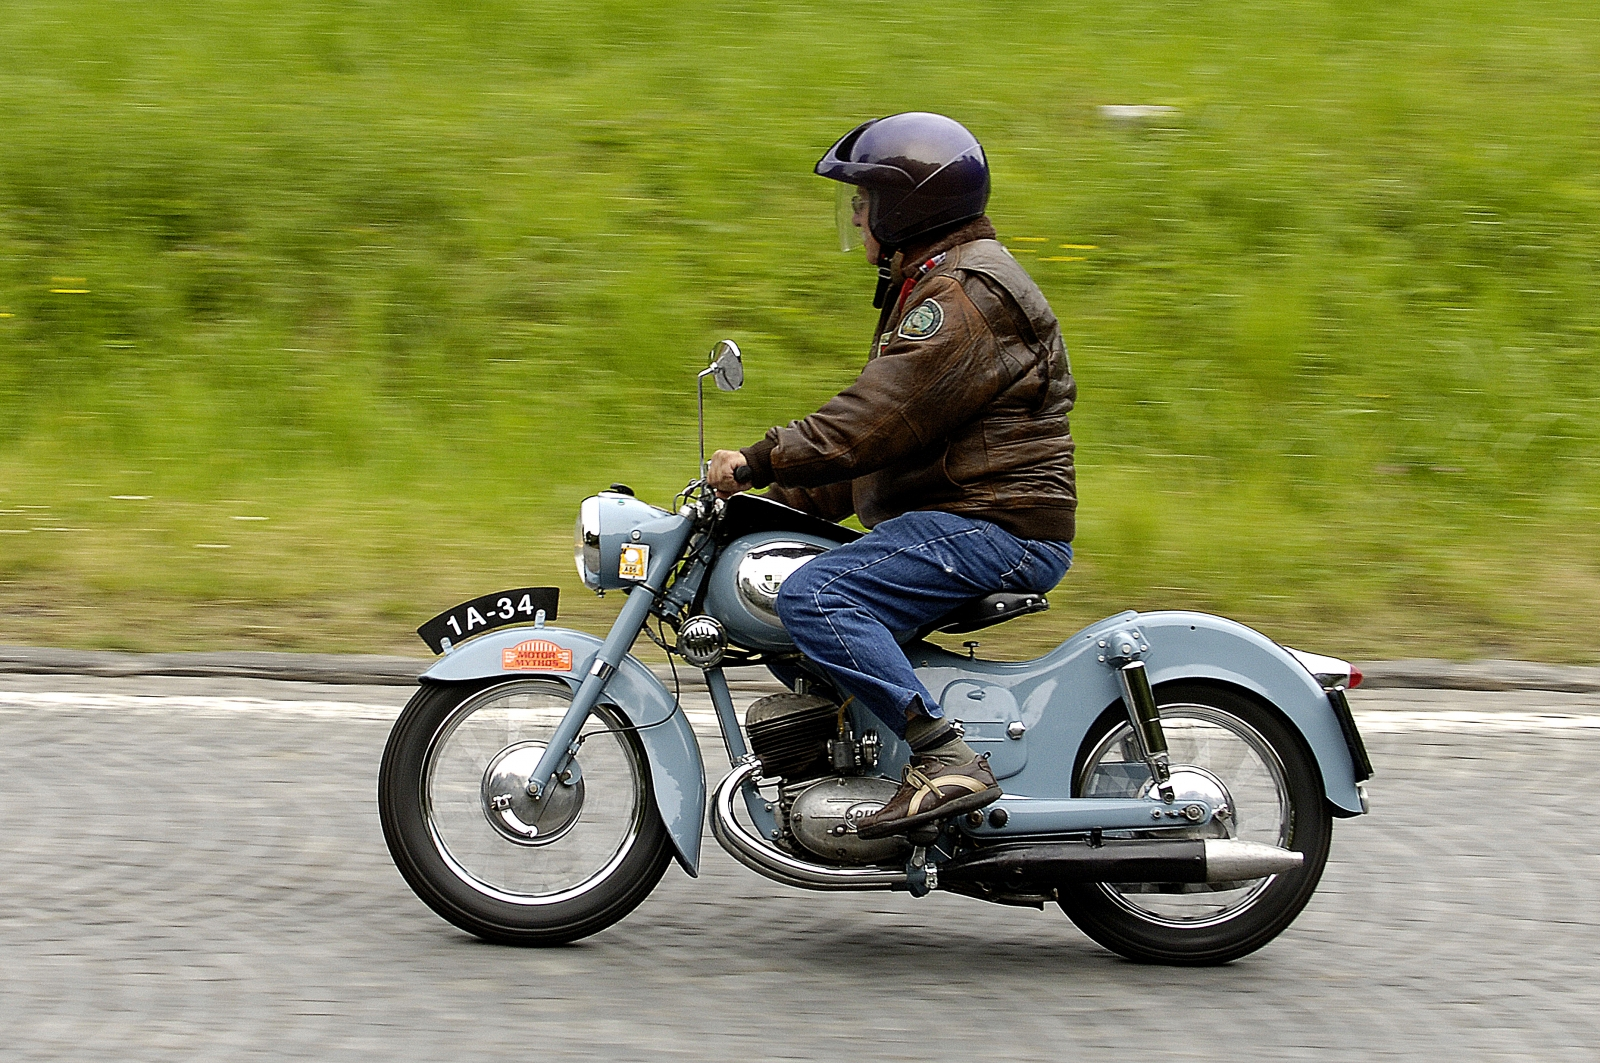 Tiroler Fahrverbote für Motorräder - Hintergrundwissen